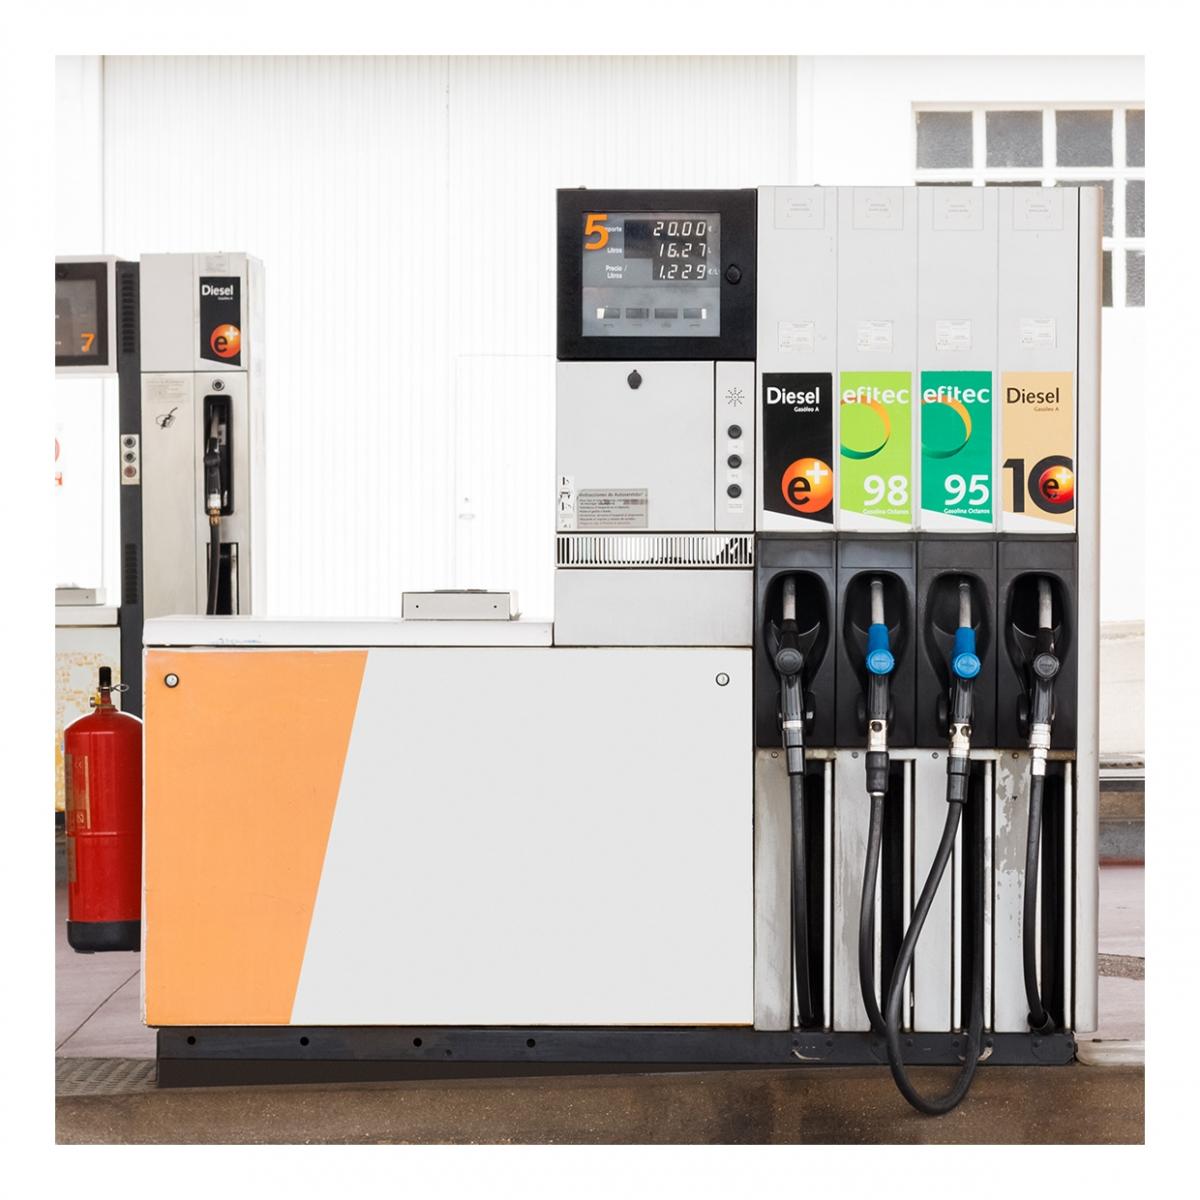 Imagen en la que se ve una gasolinera